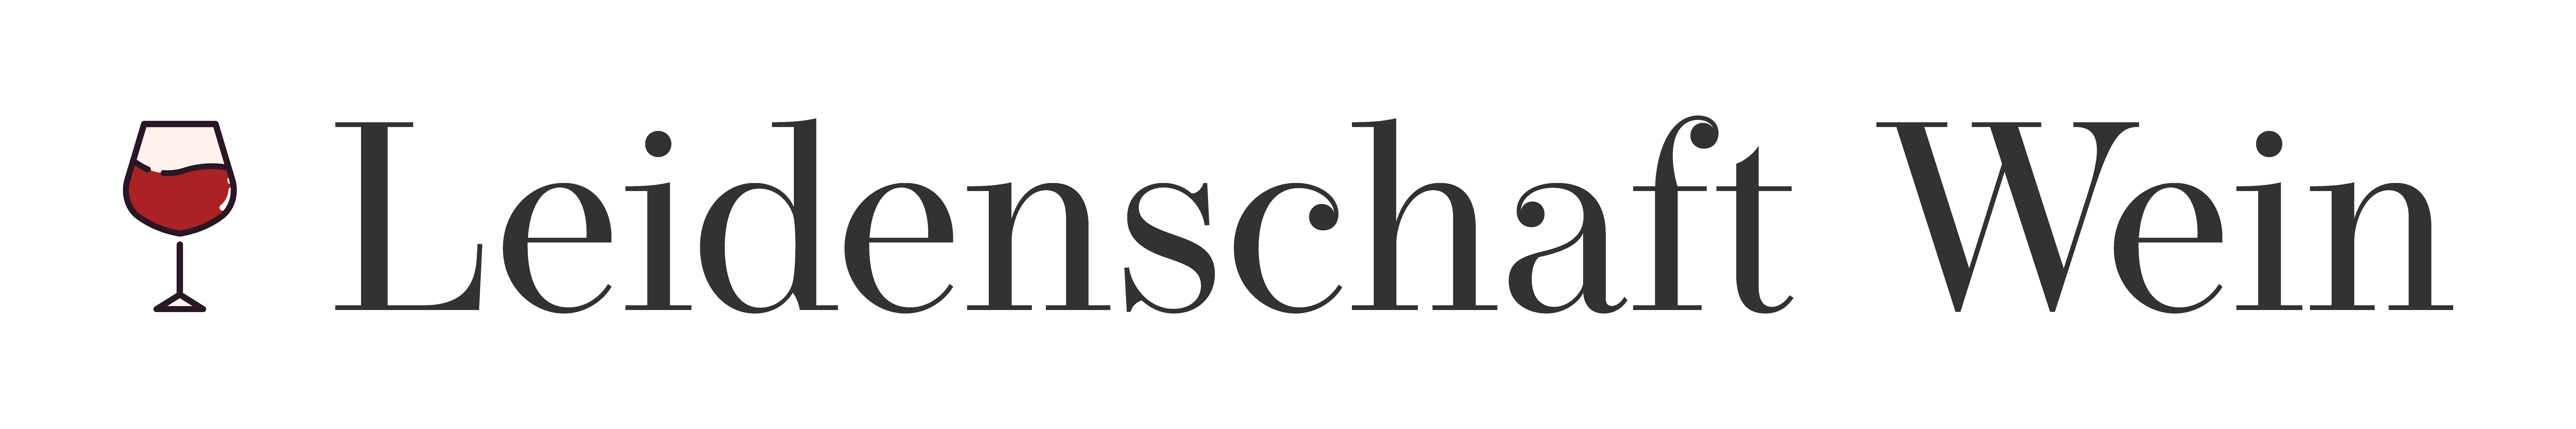 Logo Leidenschaftwein